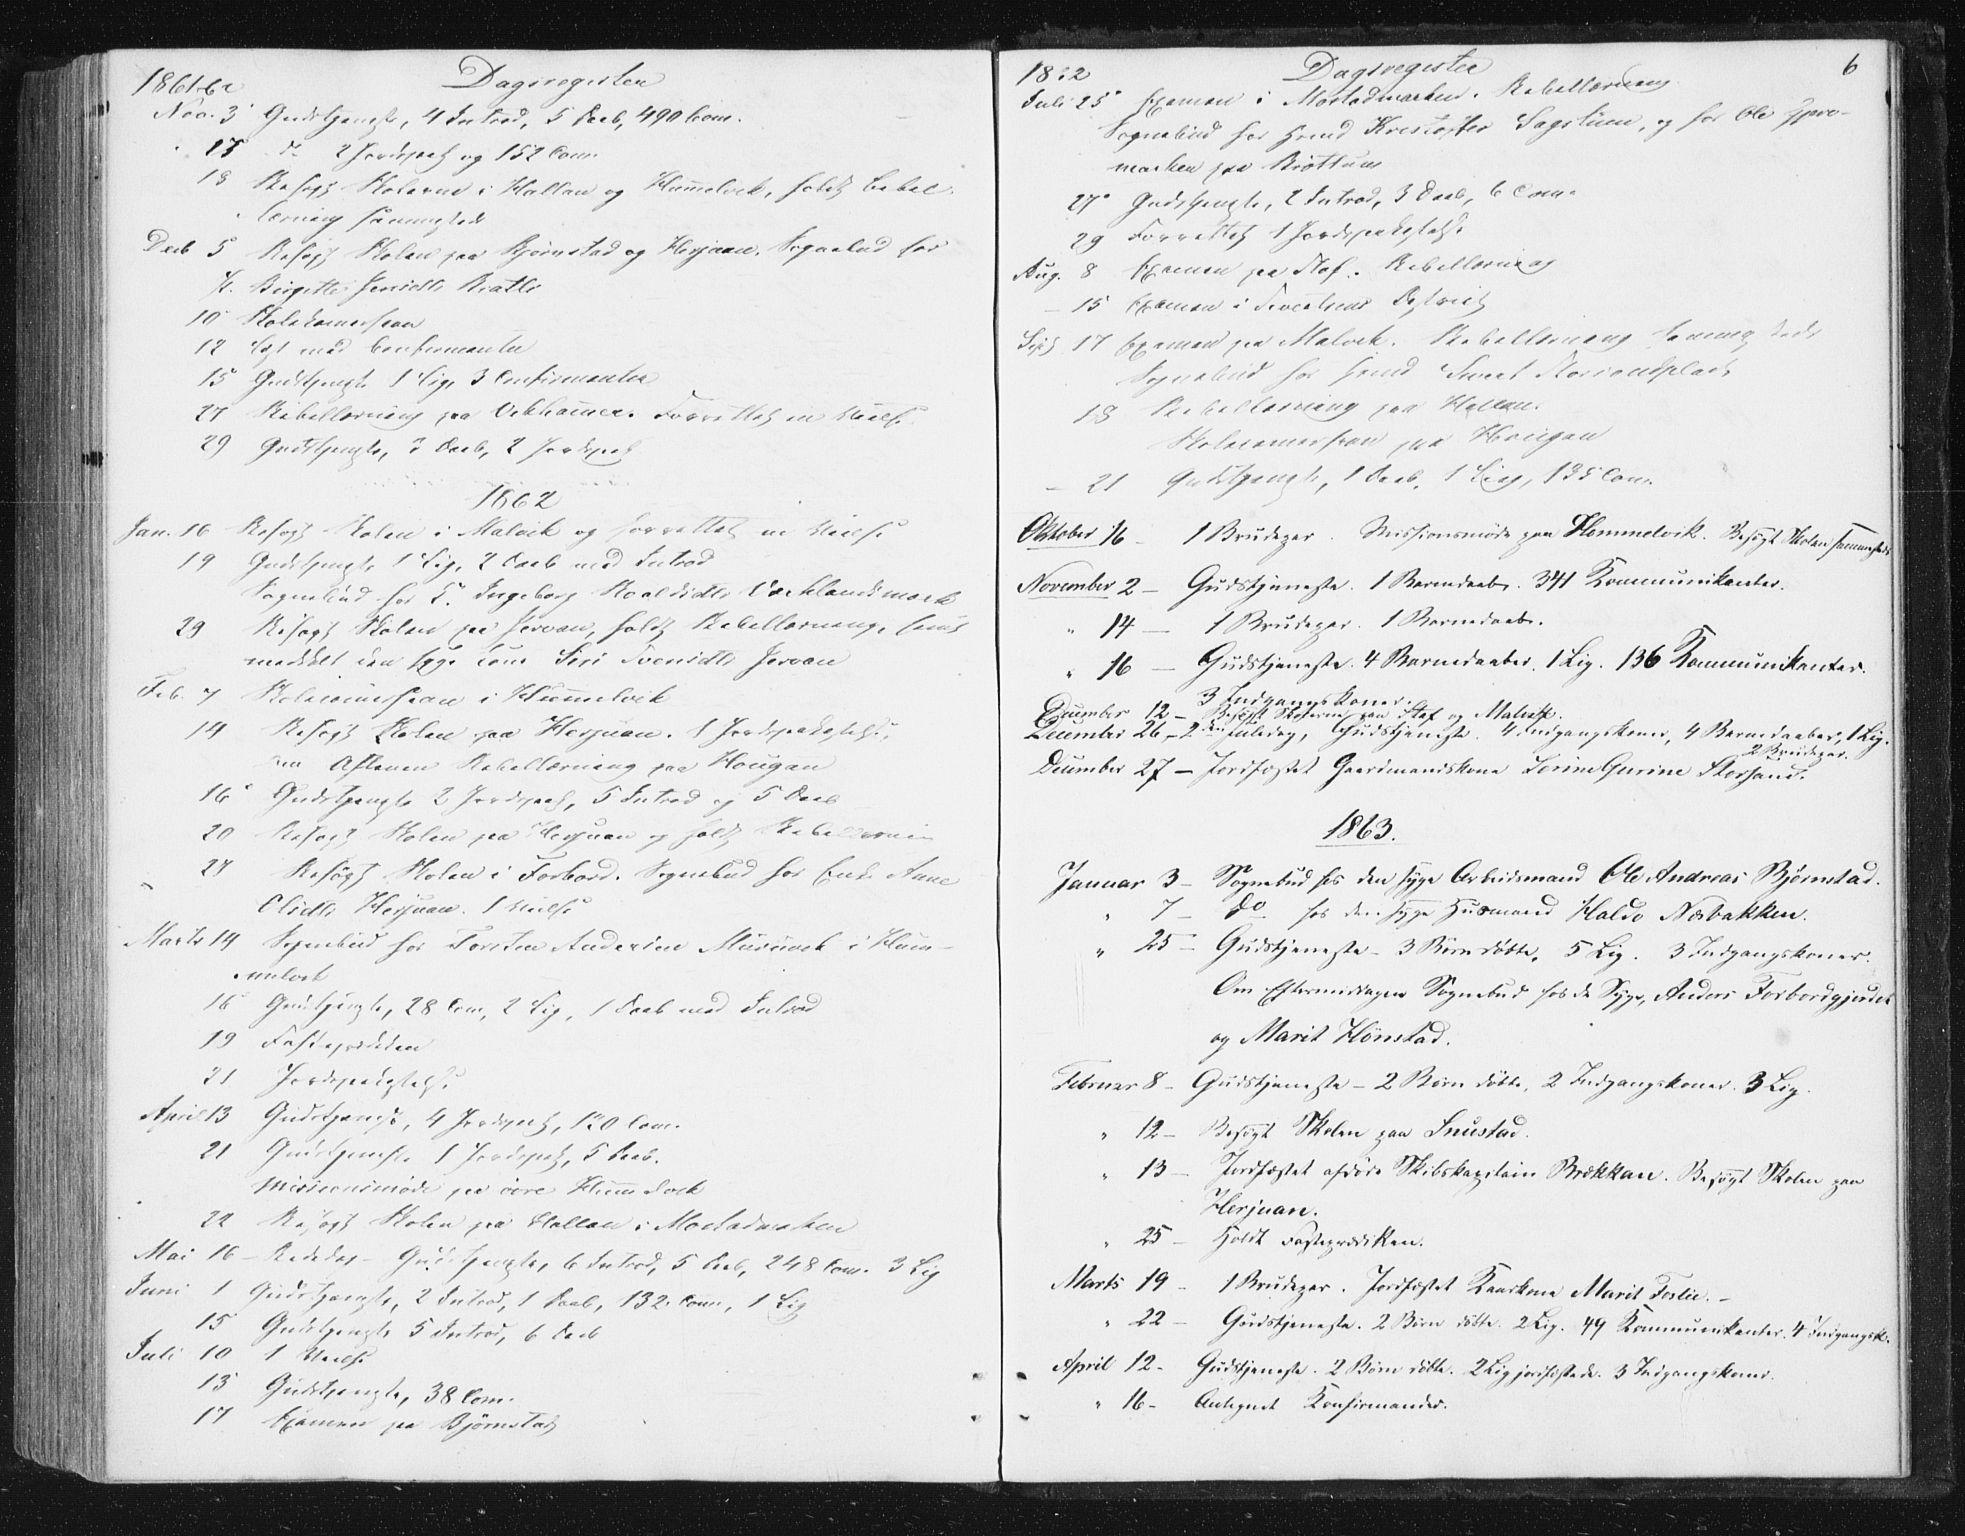 SAT, Ministerialprotokoller, klokkerbøker og fødselsregistre - Sør-Trøndelag, 616/L0408: Ministerialbok nr. 616A05, 1857-1865, s. 6